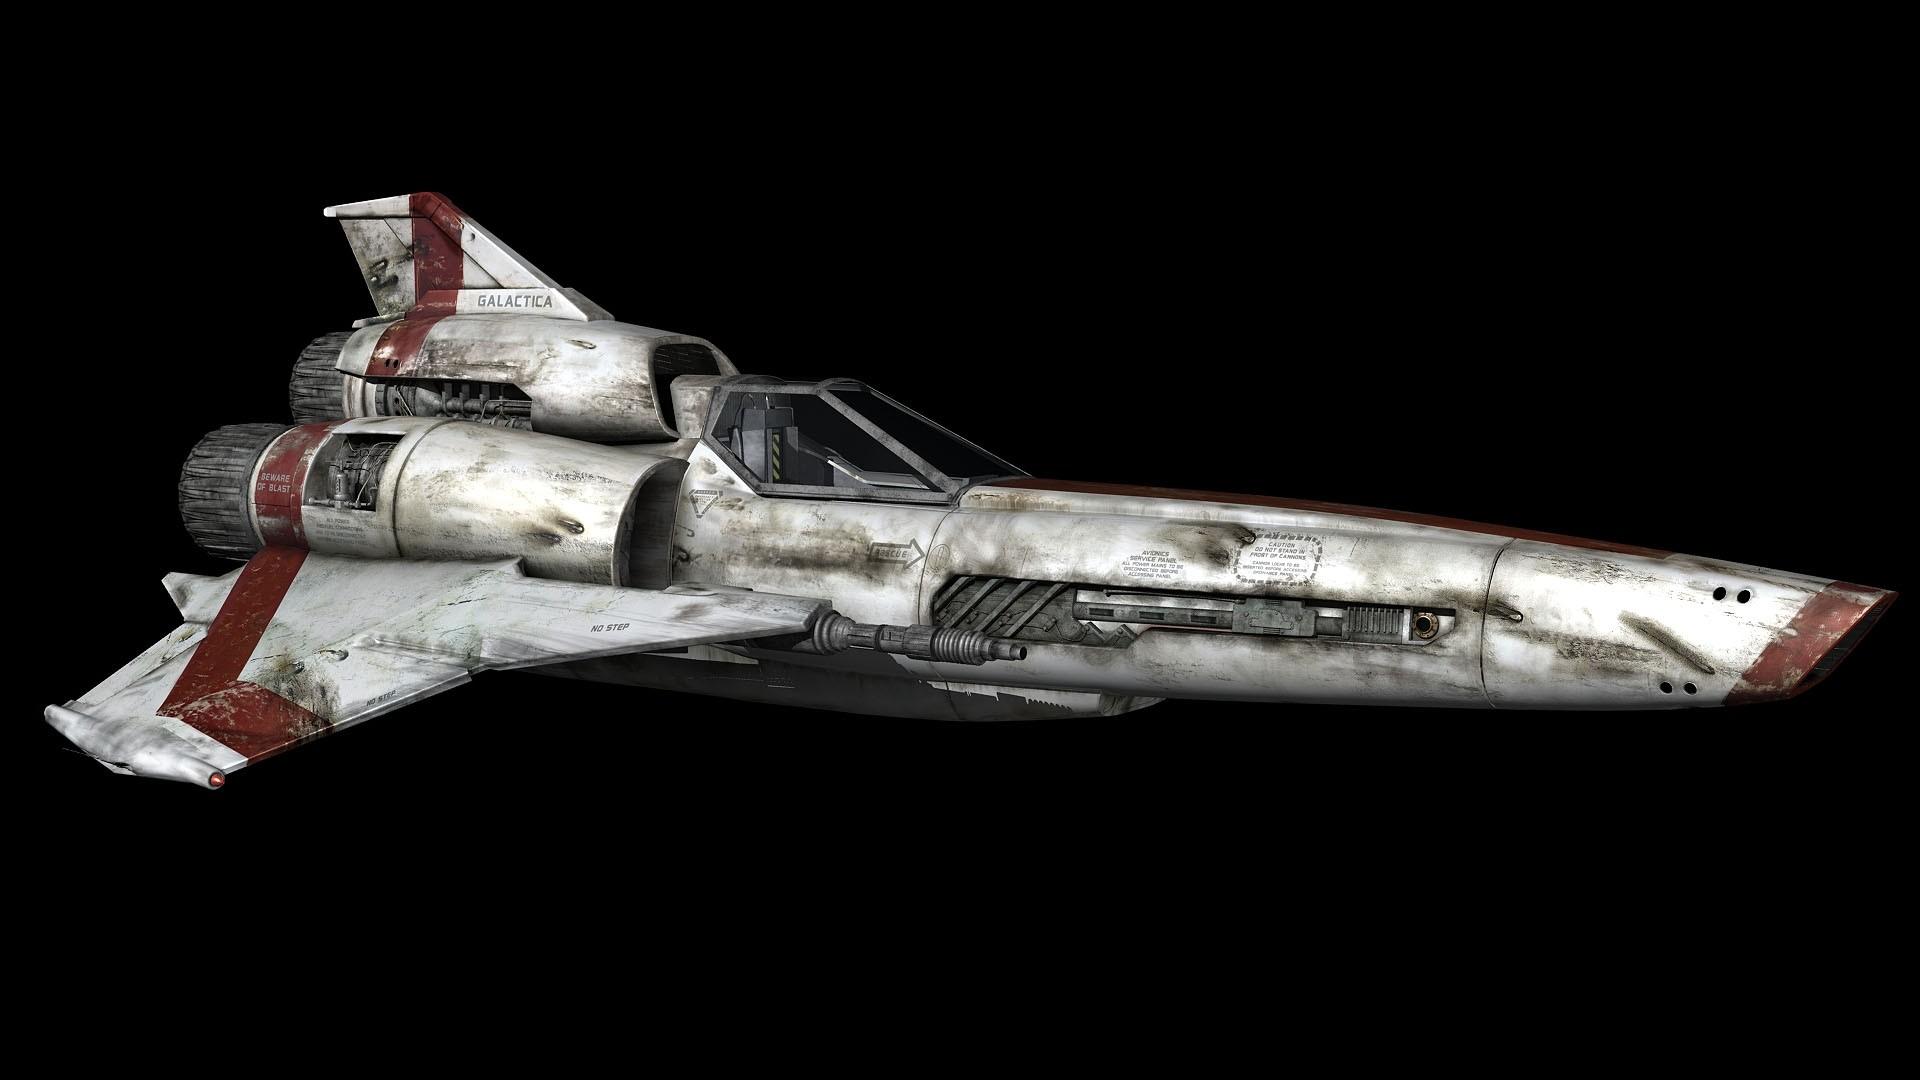 battlestar galactica viper wallpaper – photo #3. Battlestar fictional  spacecraft Wikipedia